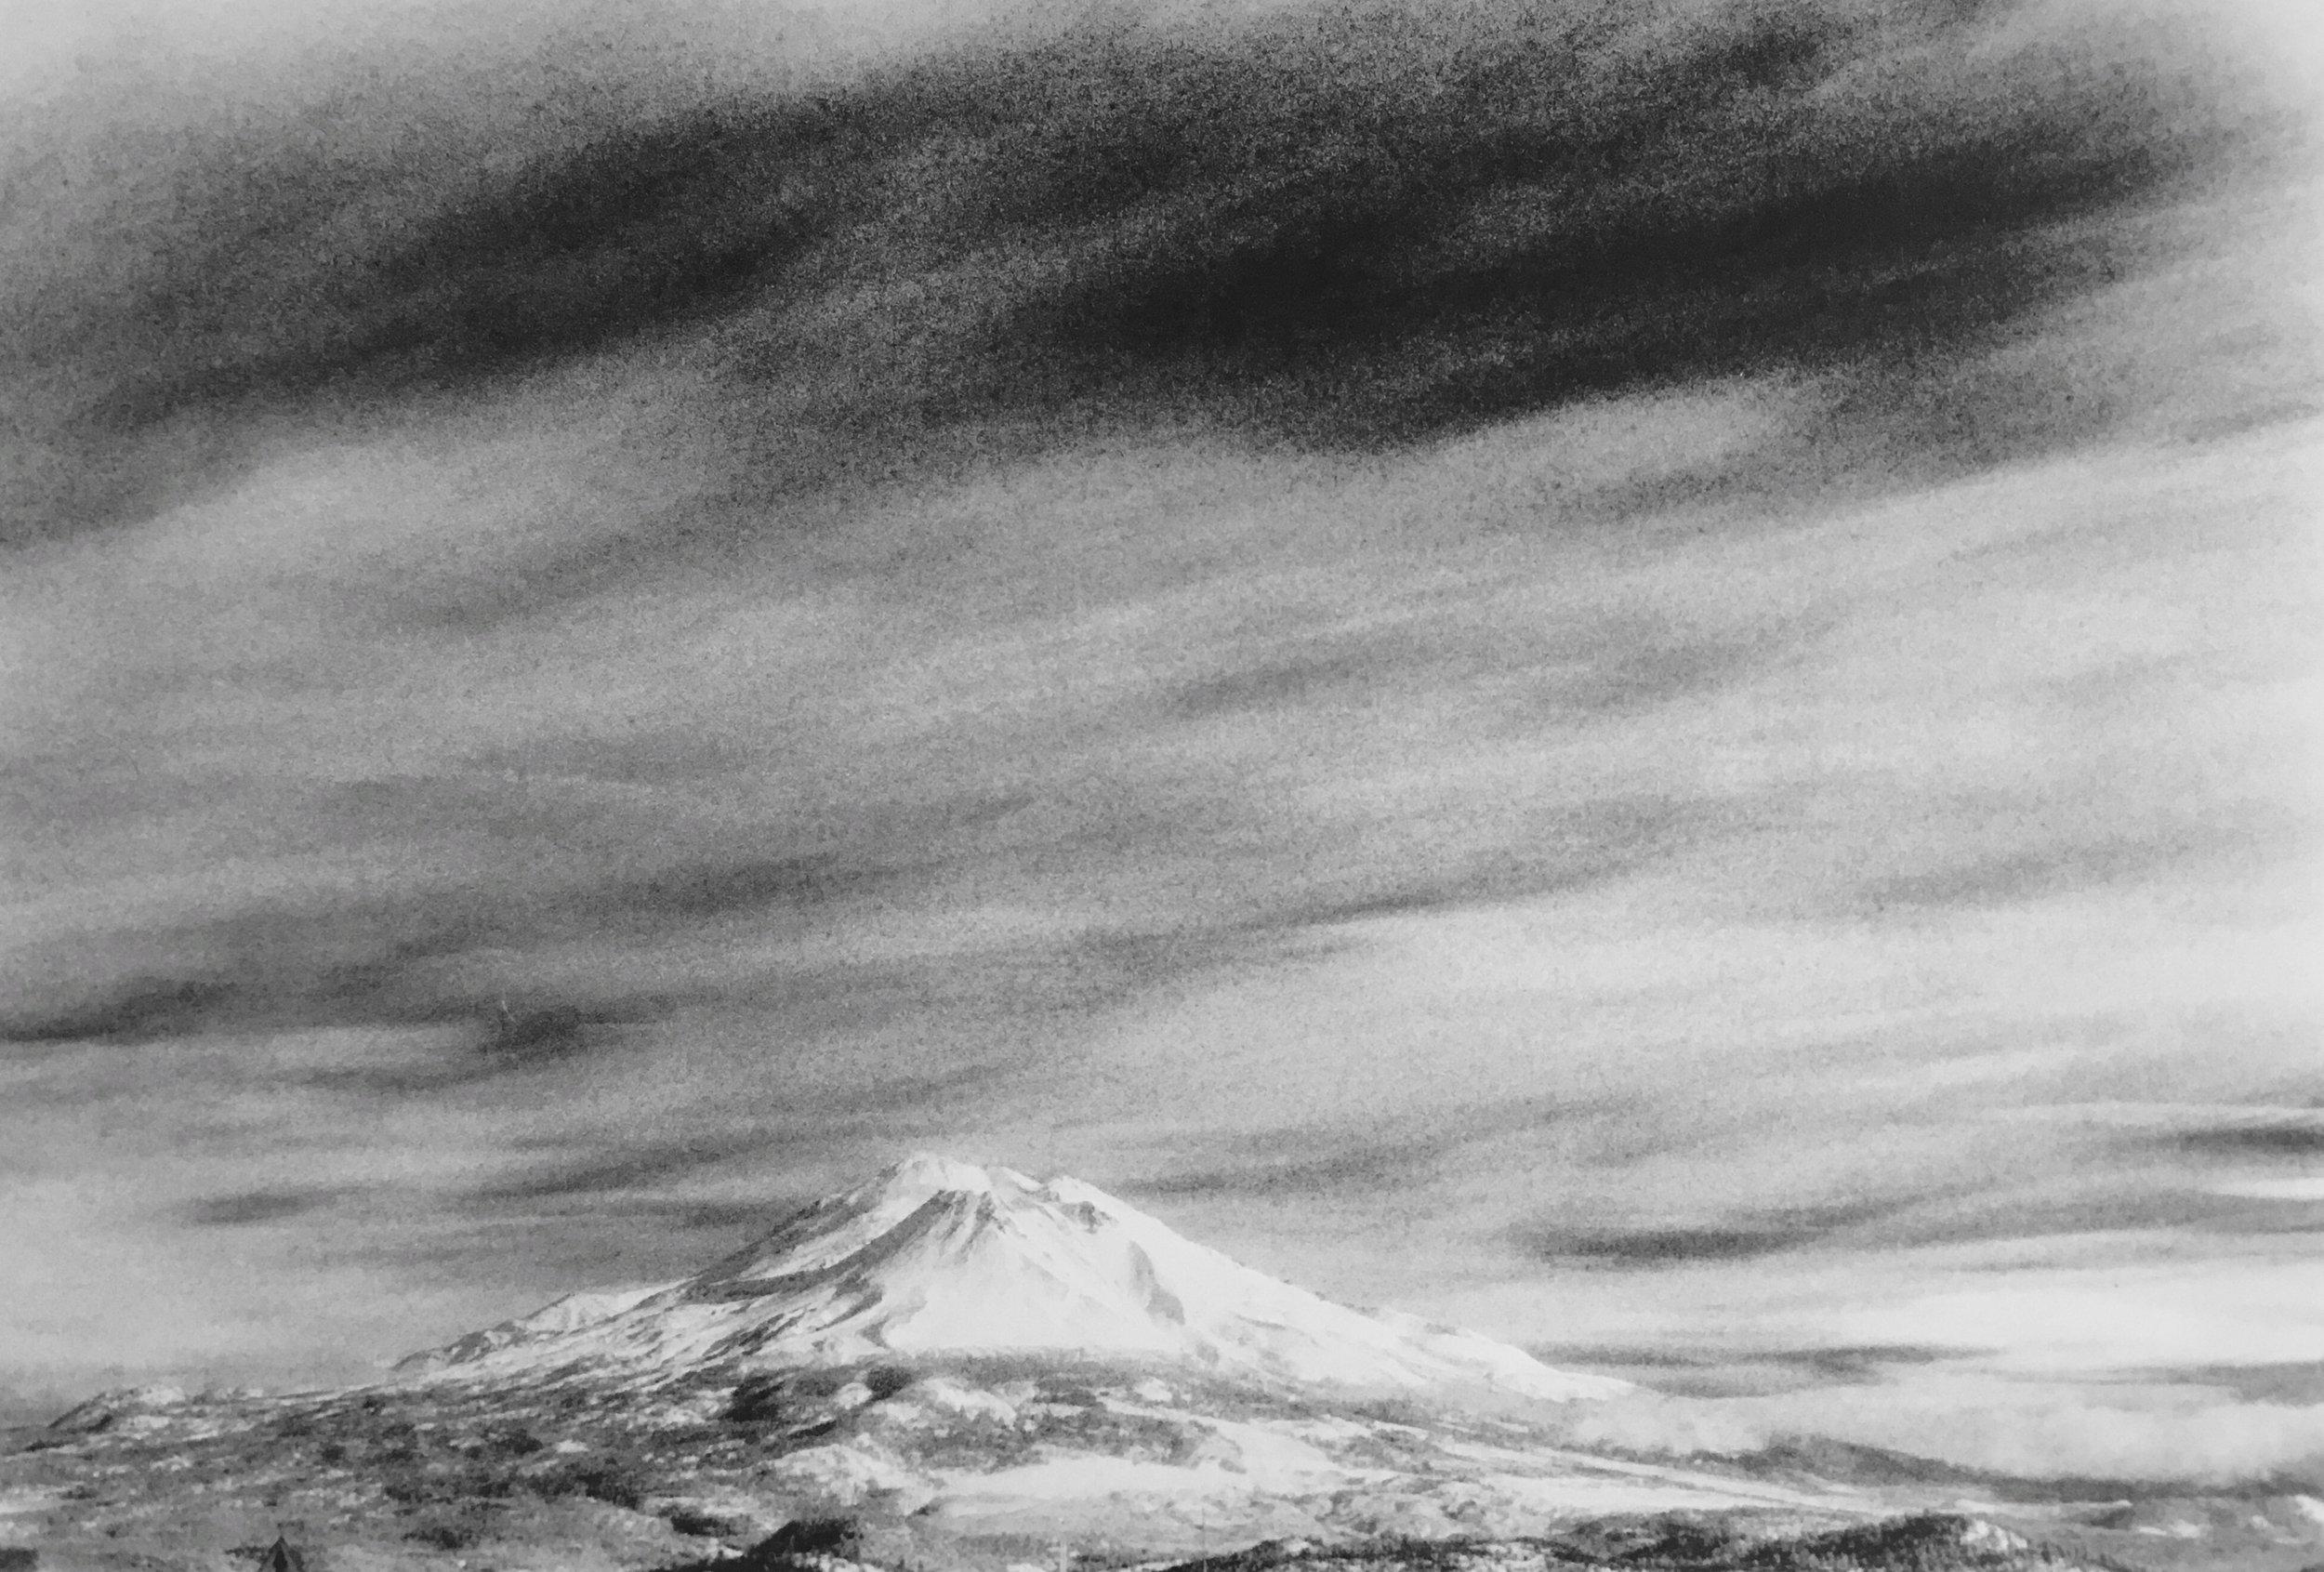 Mount Shasta, 2005